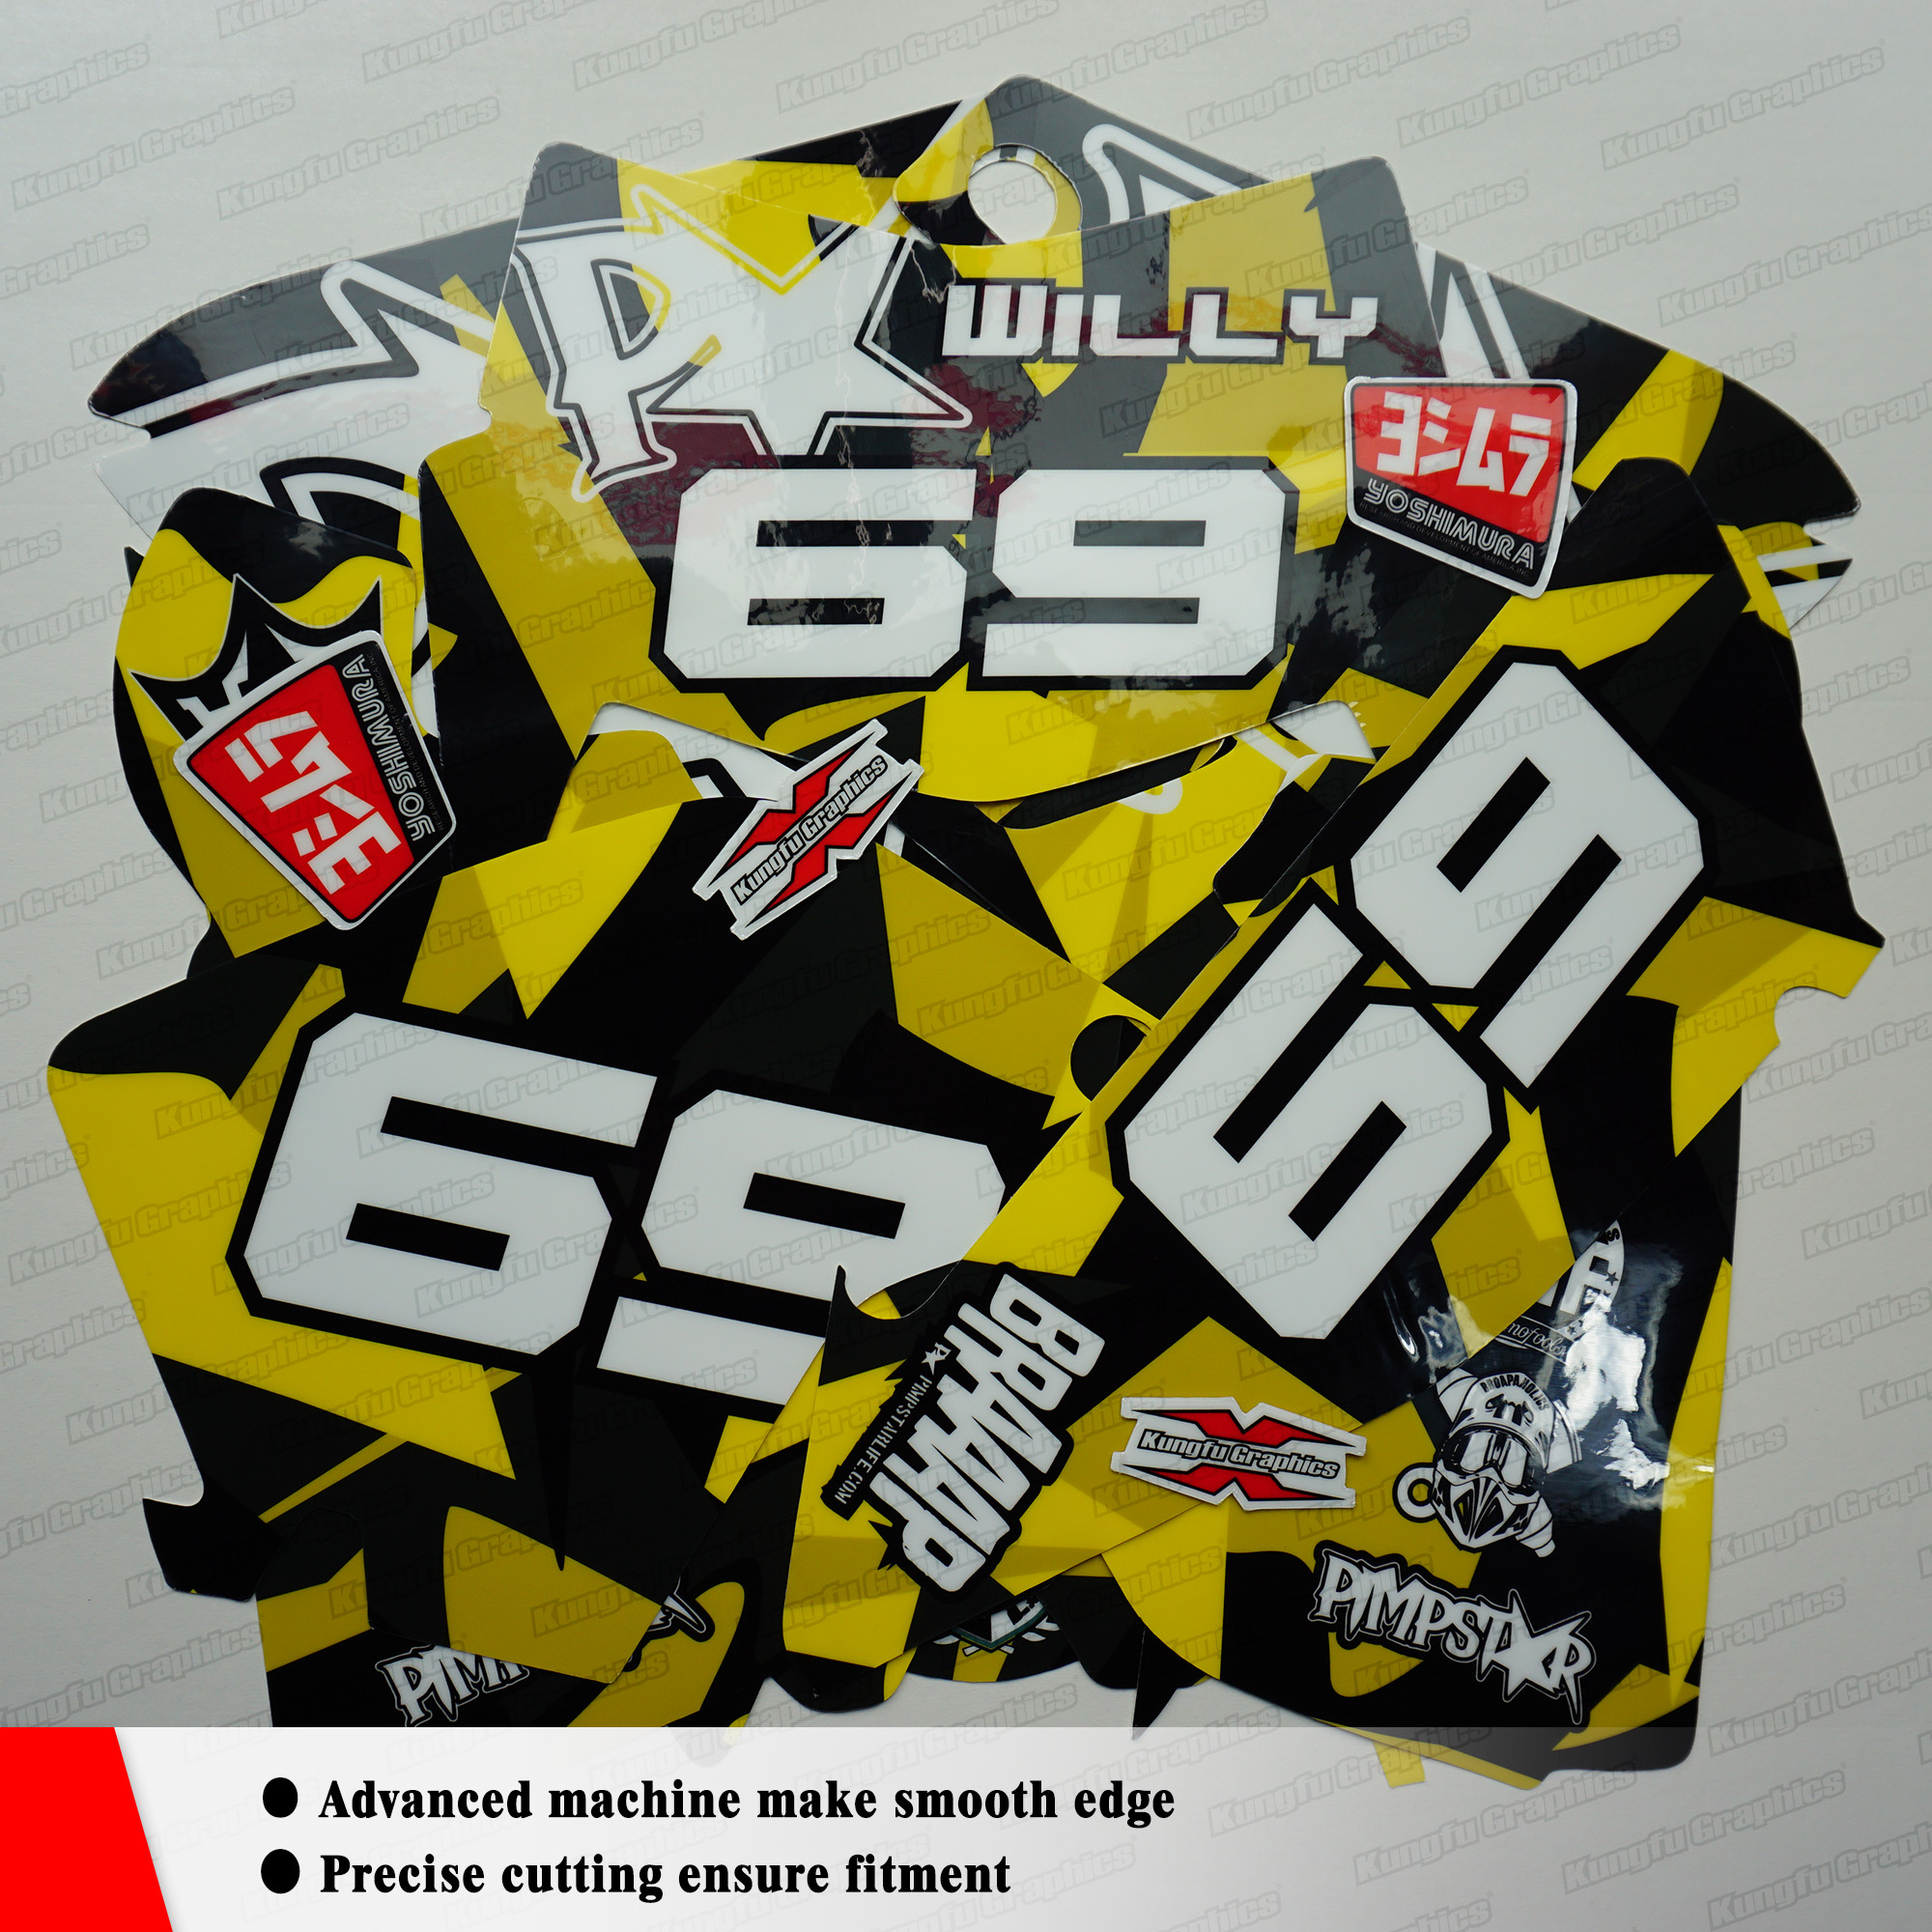 Motorcycle accessories 1996 2004 honda xr 250r 400r dirt